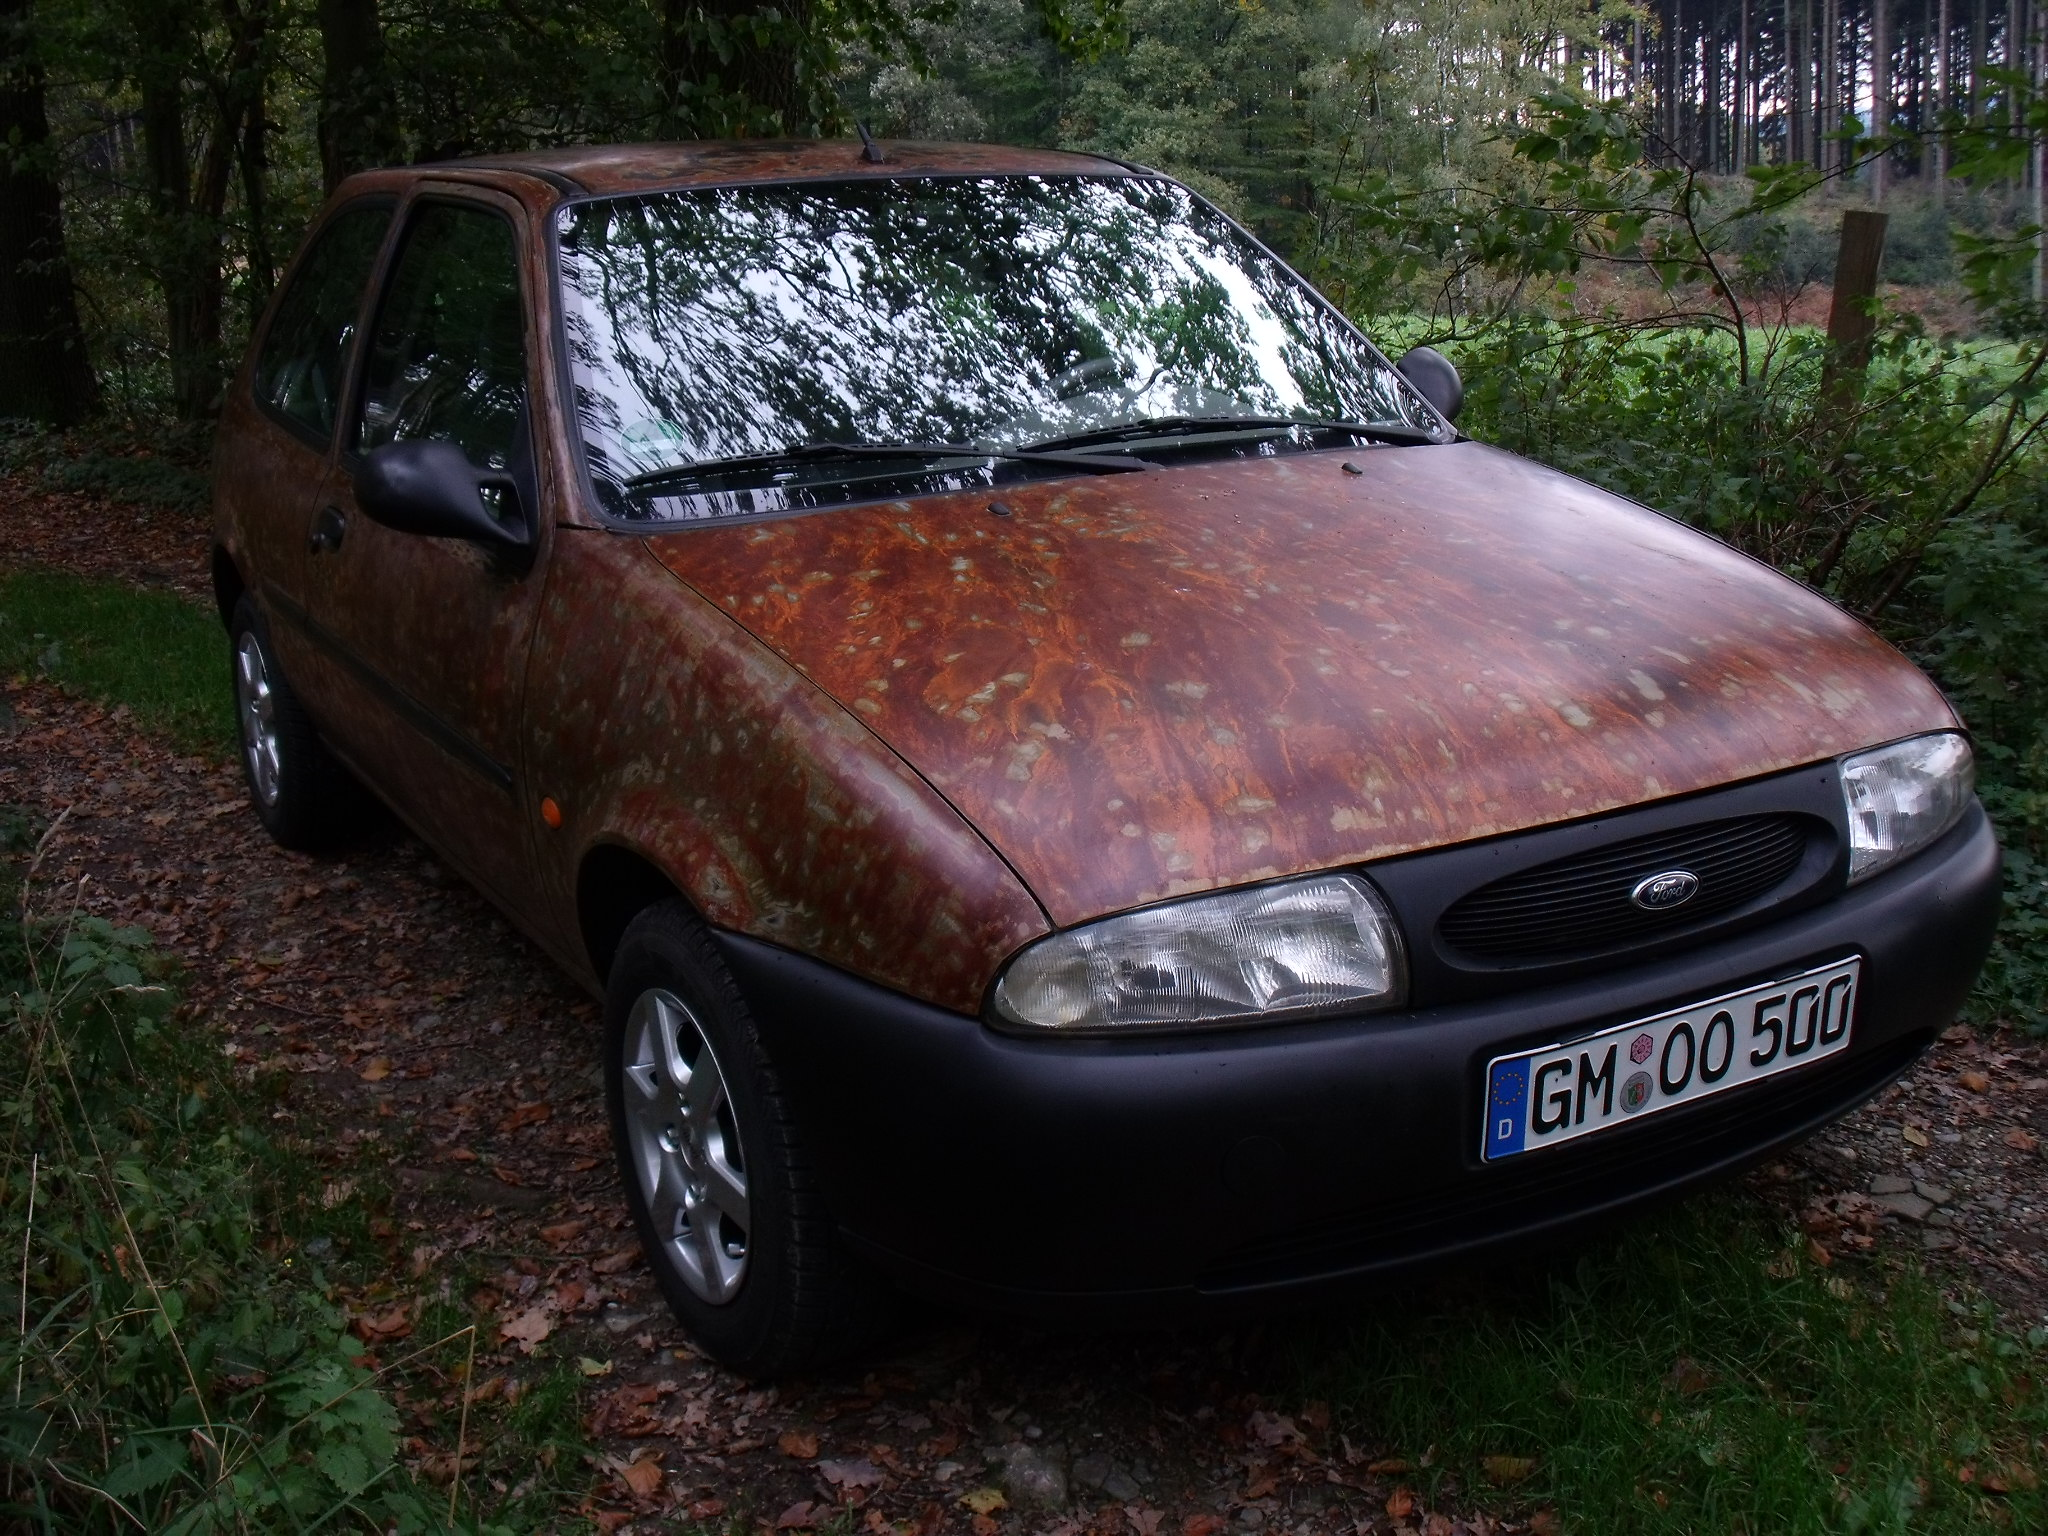 Rat look swow car 001